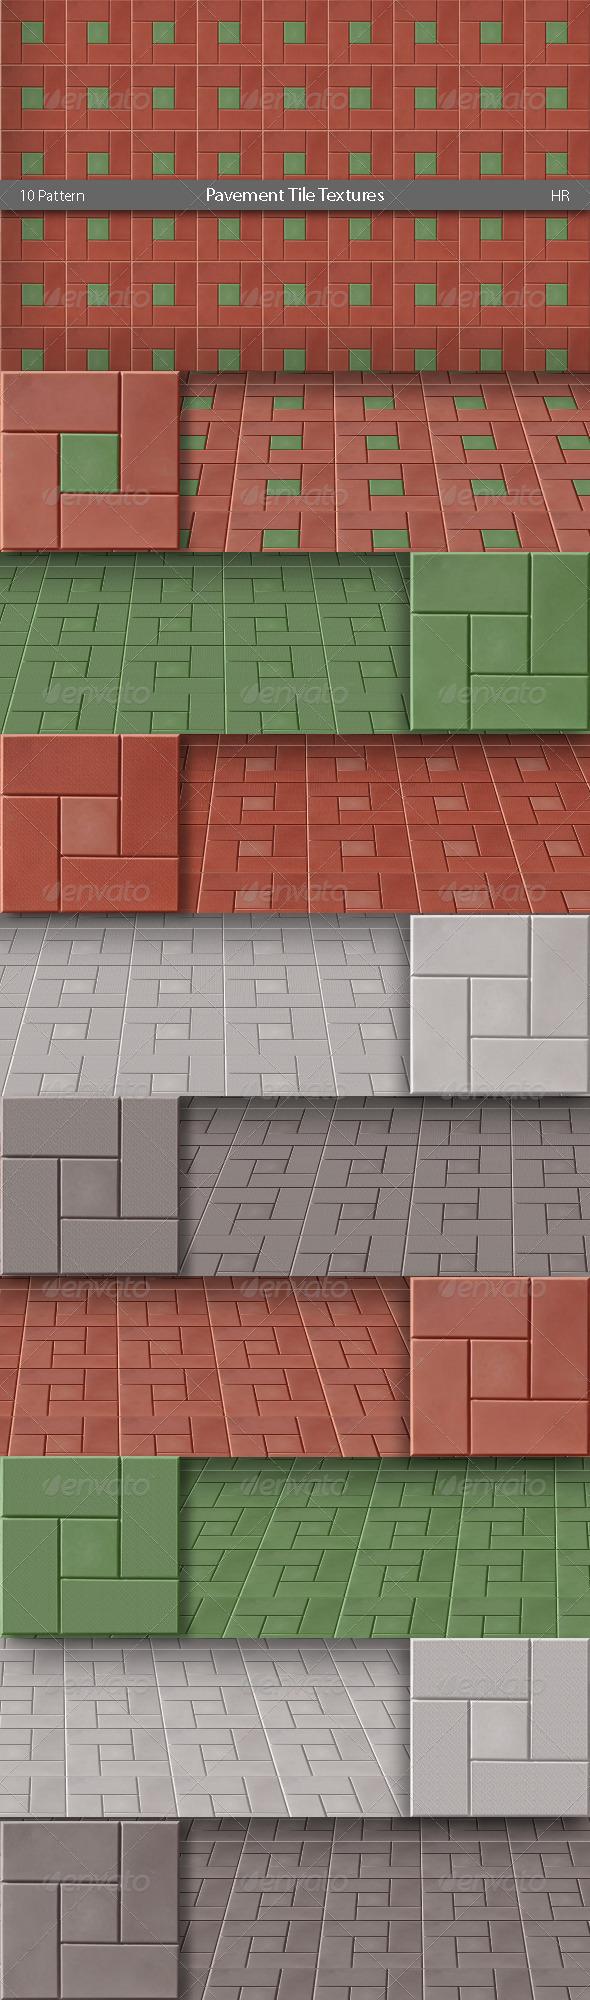 Pavement Tile Textures - 3DOcean Item for Sale